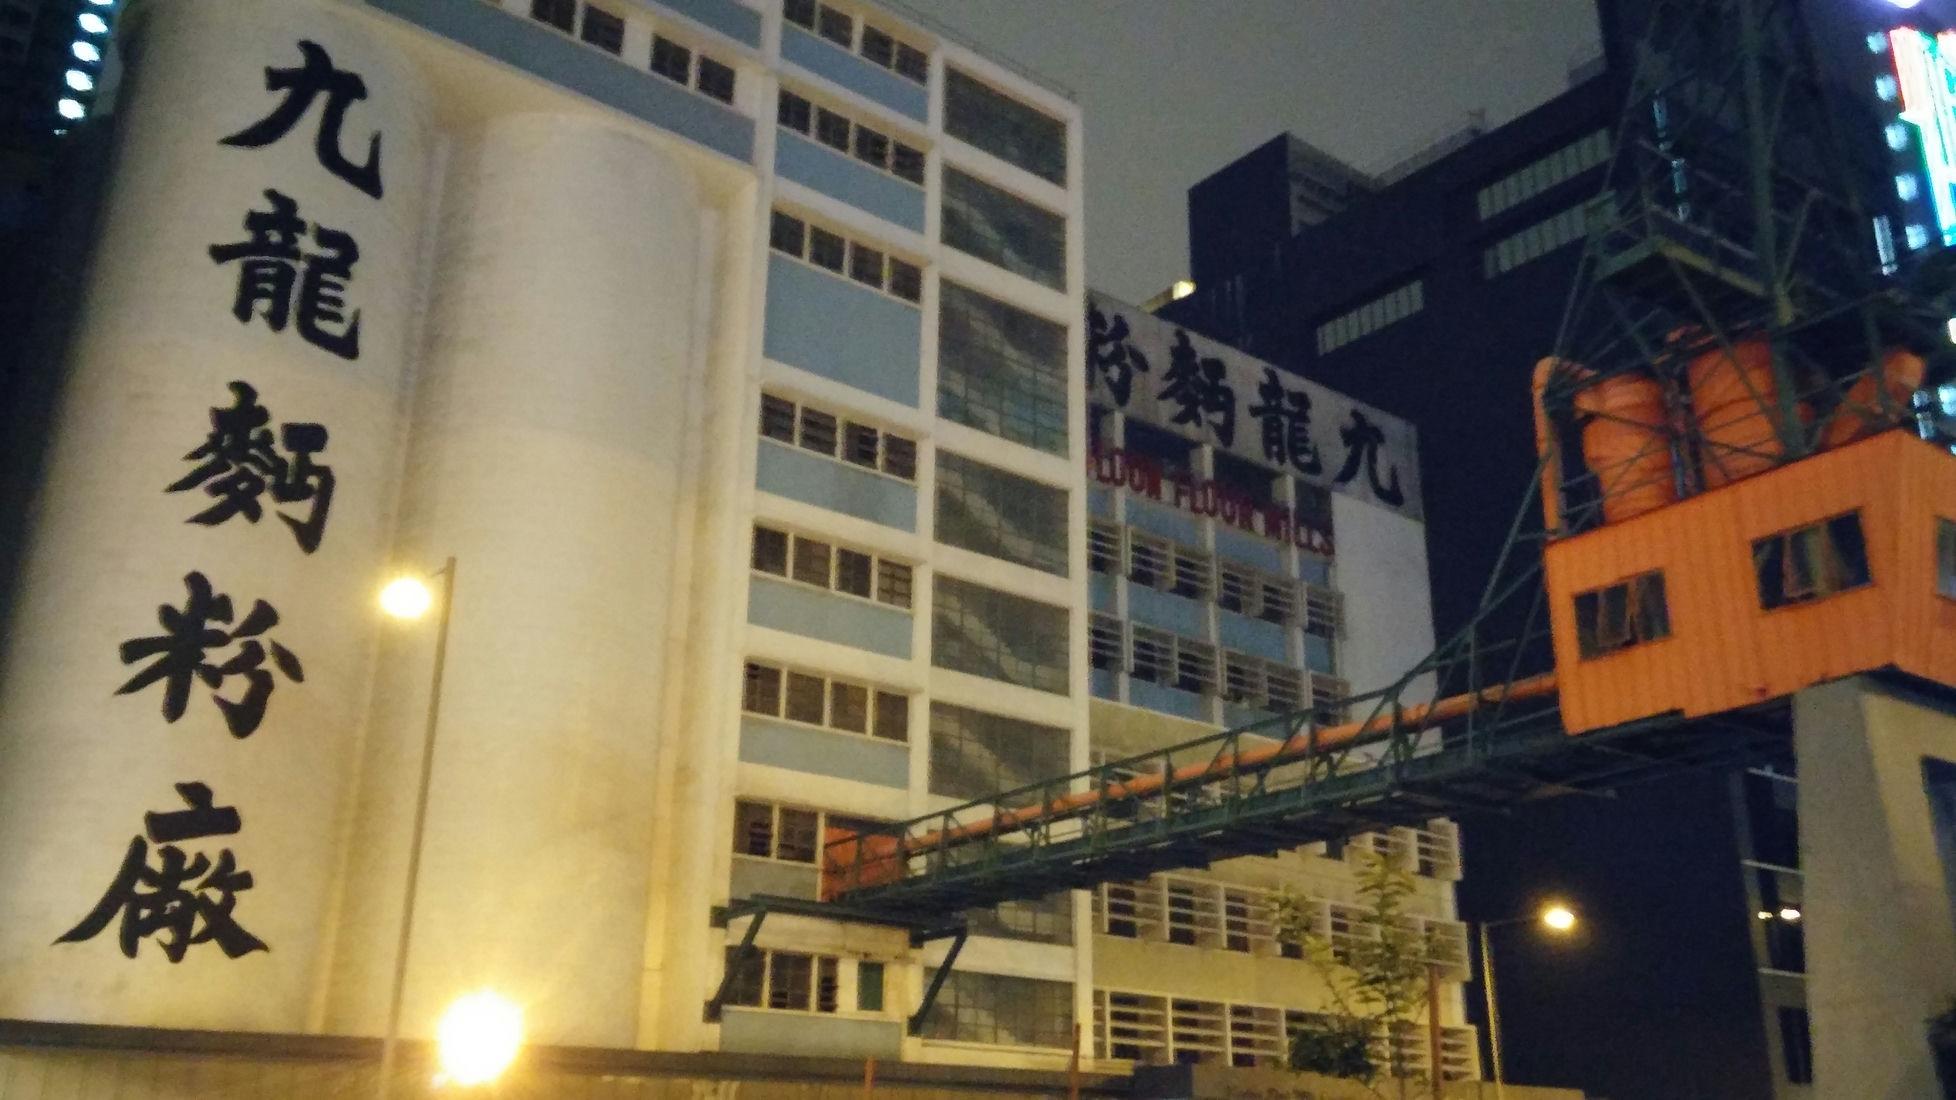 Old Flour Mill at Kwun Tong Promenade night view